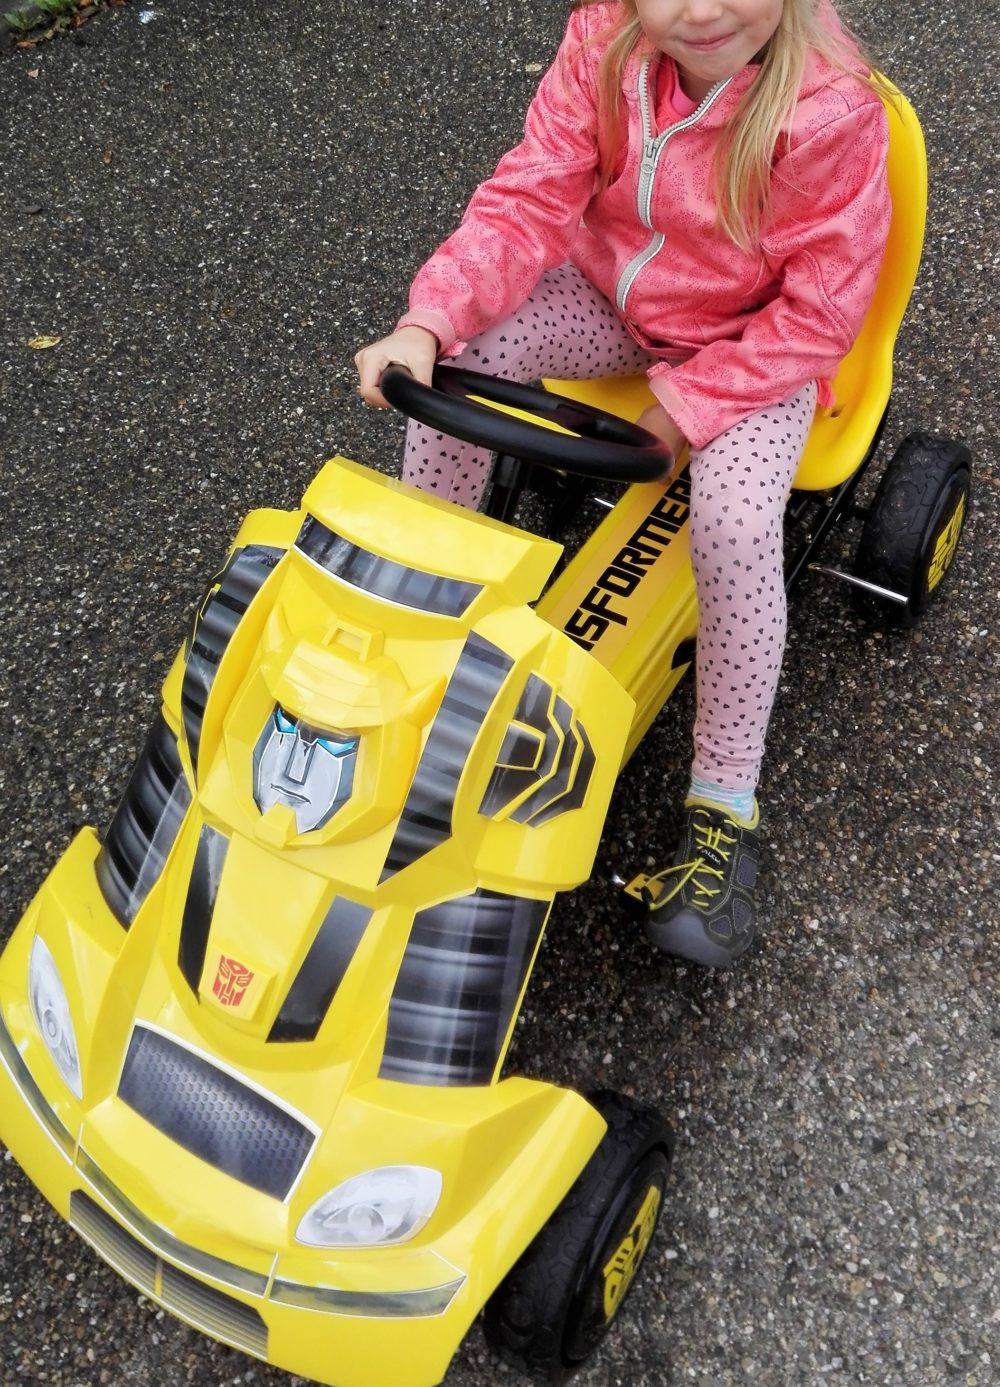 Unsere Erfahrung mit dem Hauck Go Kart Bumblebee